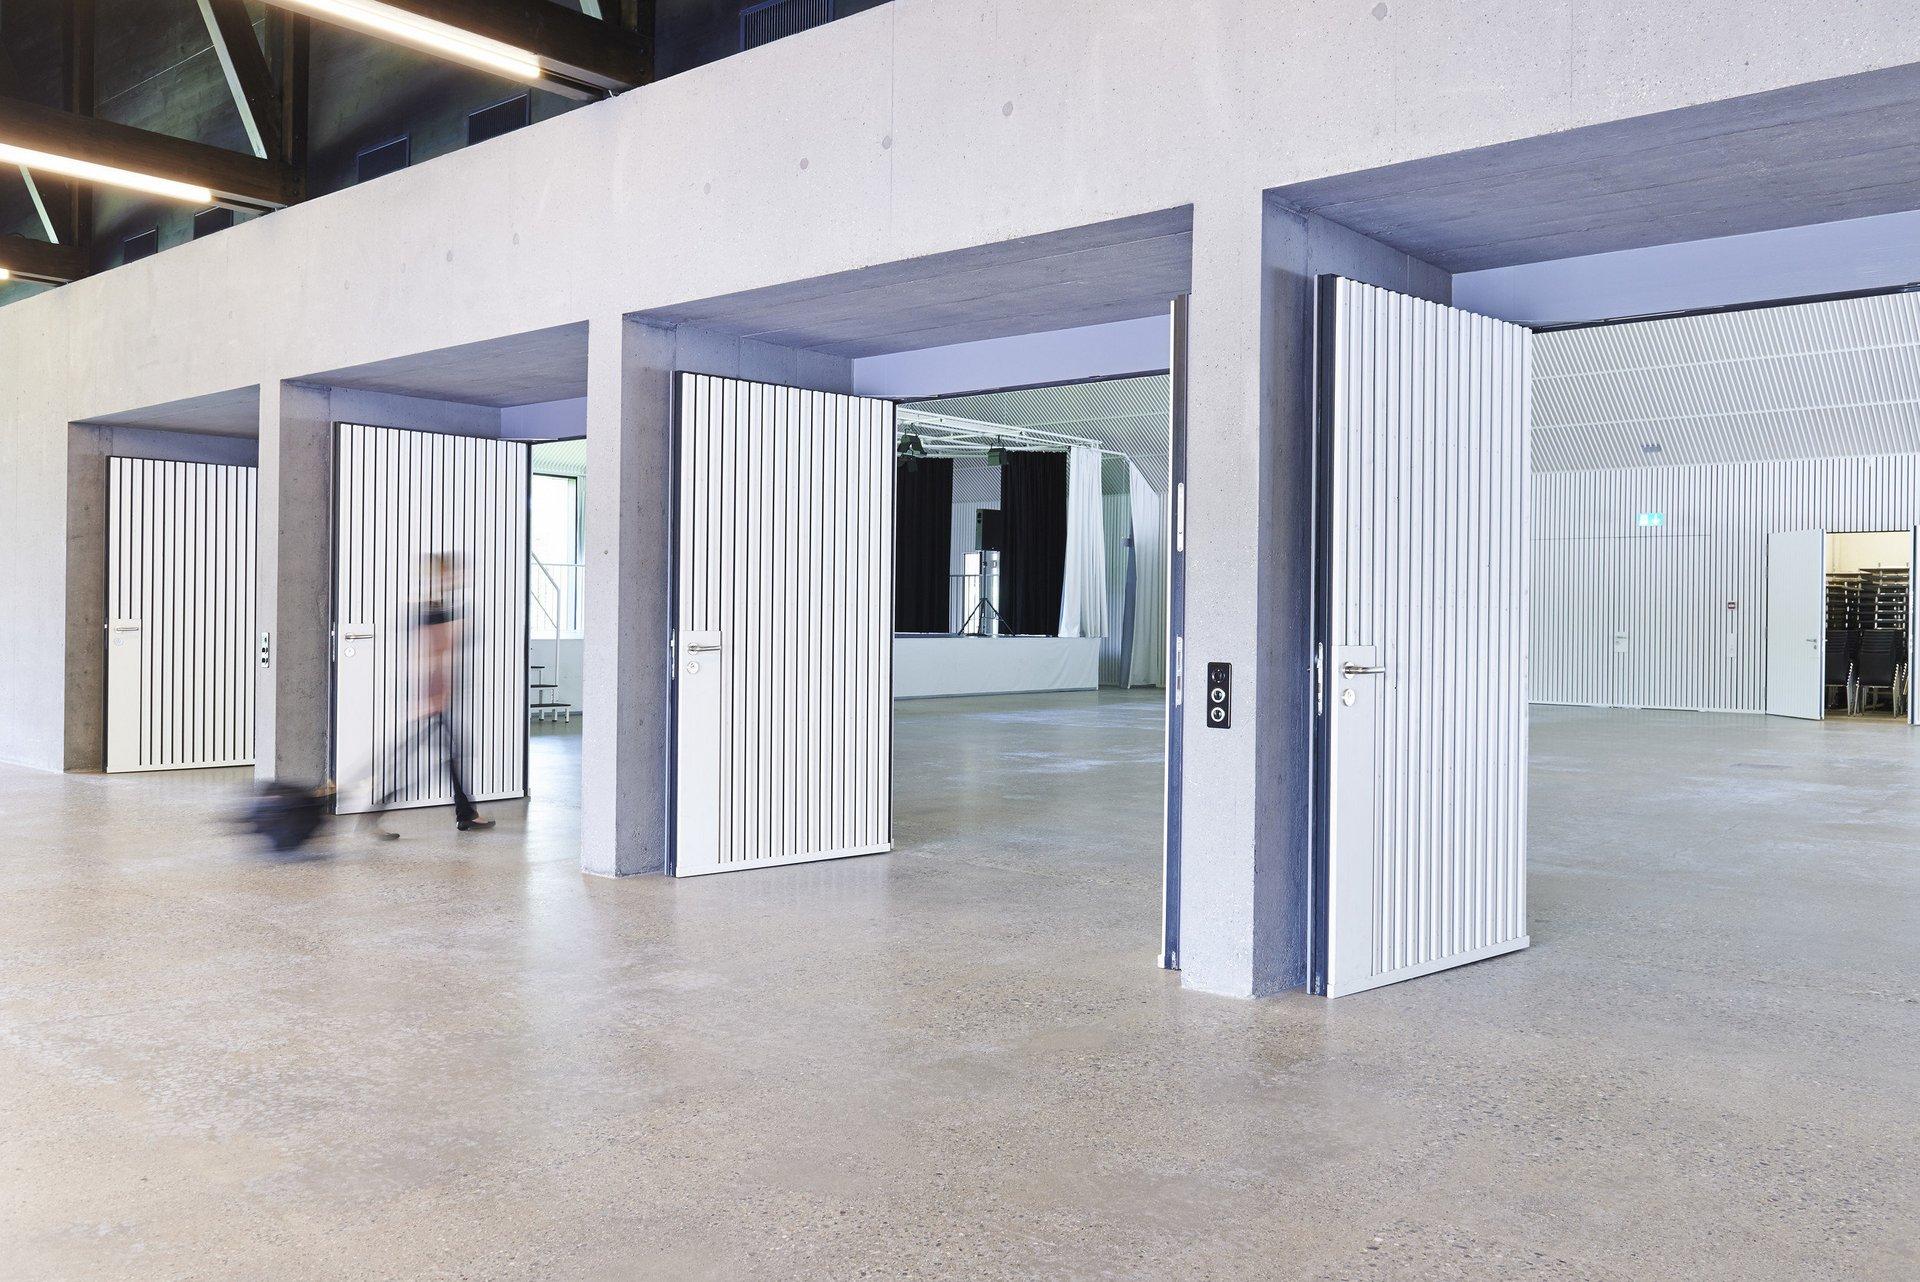 3 Brandschutztüren offenstehend in eine Halle führend in hellem Design